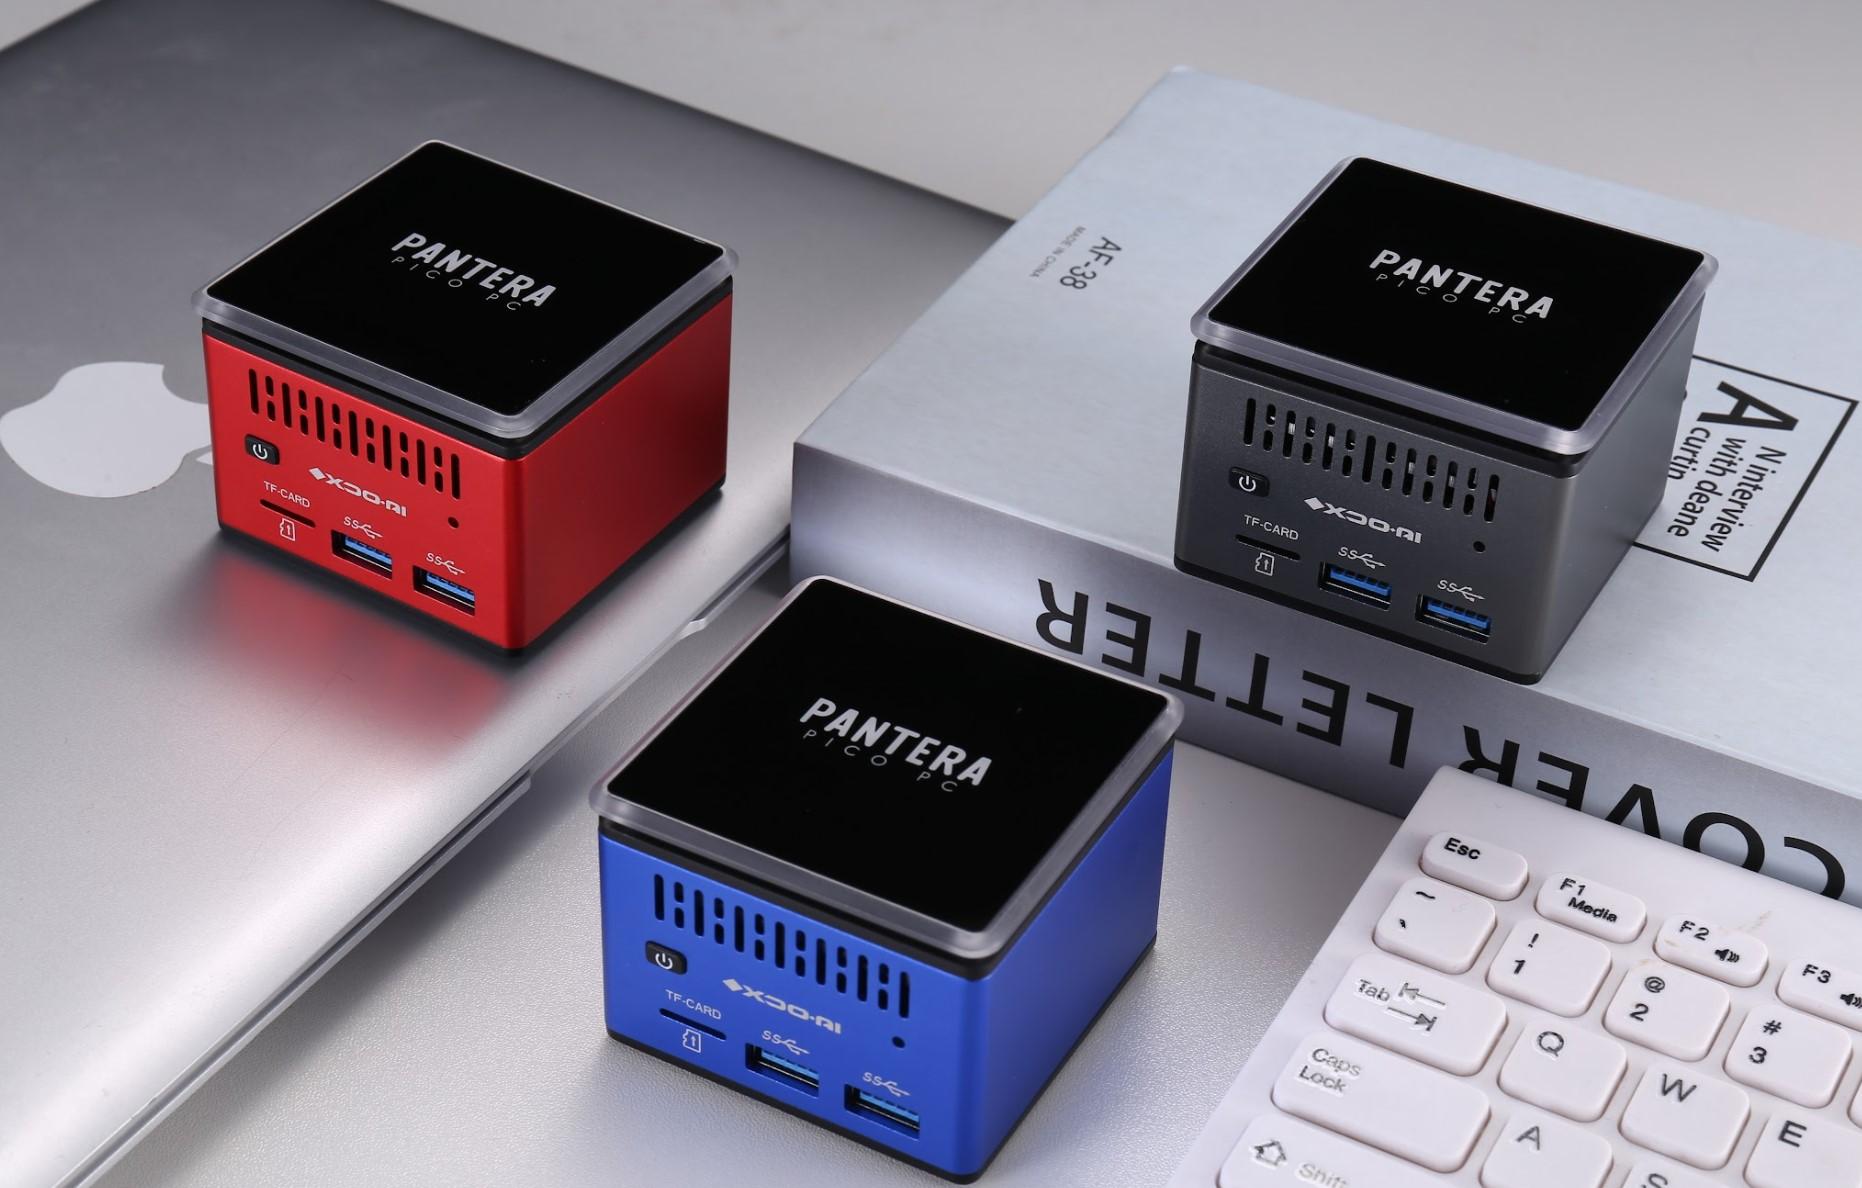 XDO Pantera Pico PC es una pequeña PC realmente capaz que acaba de lanzarse en Kickstarter